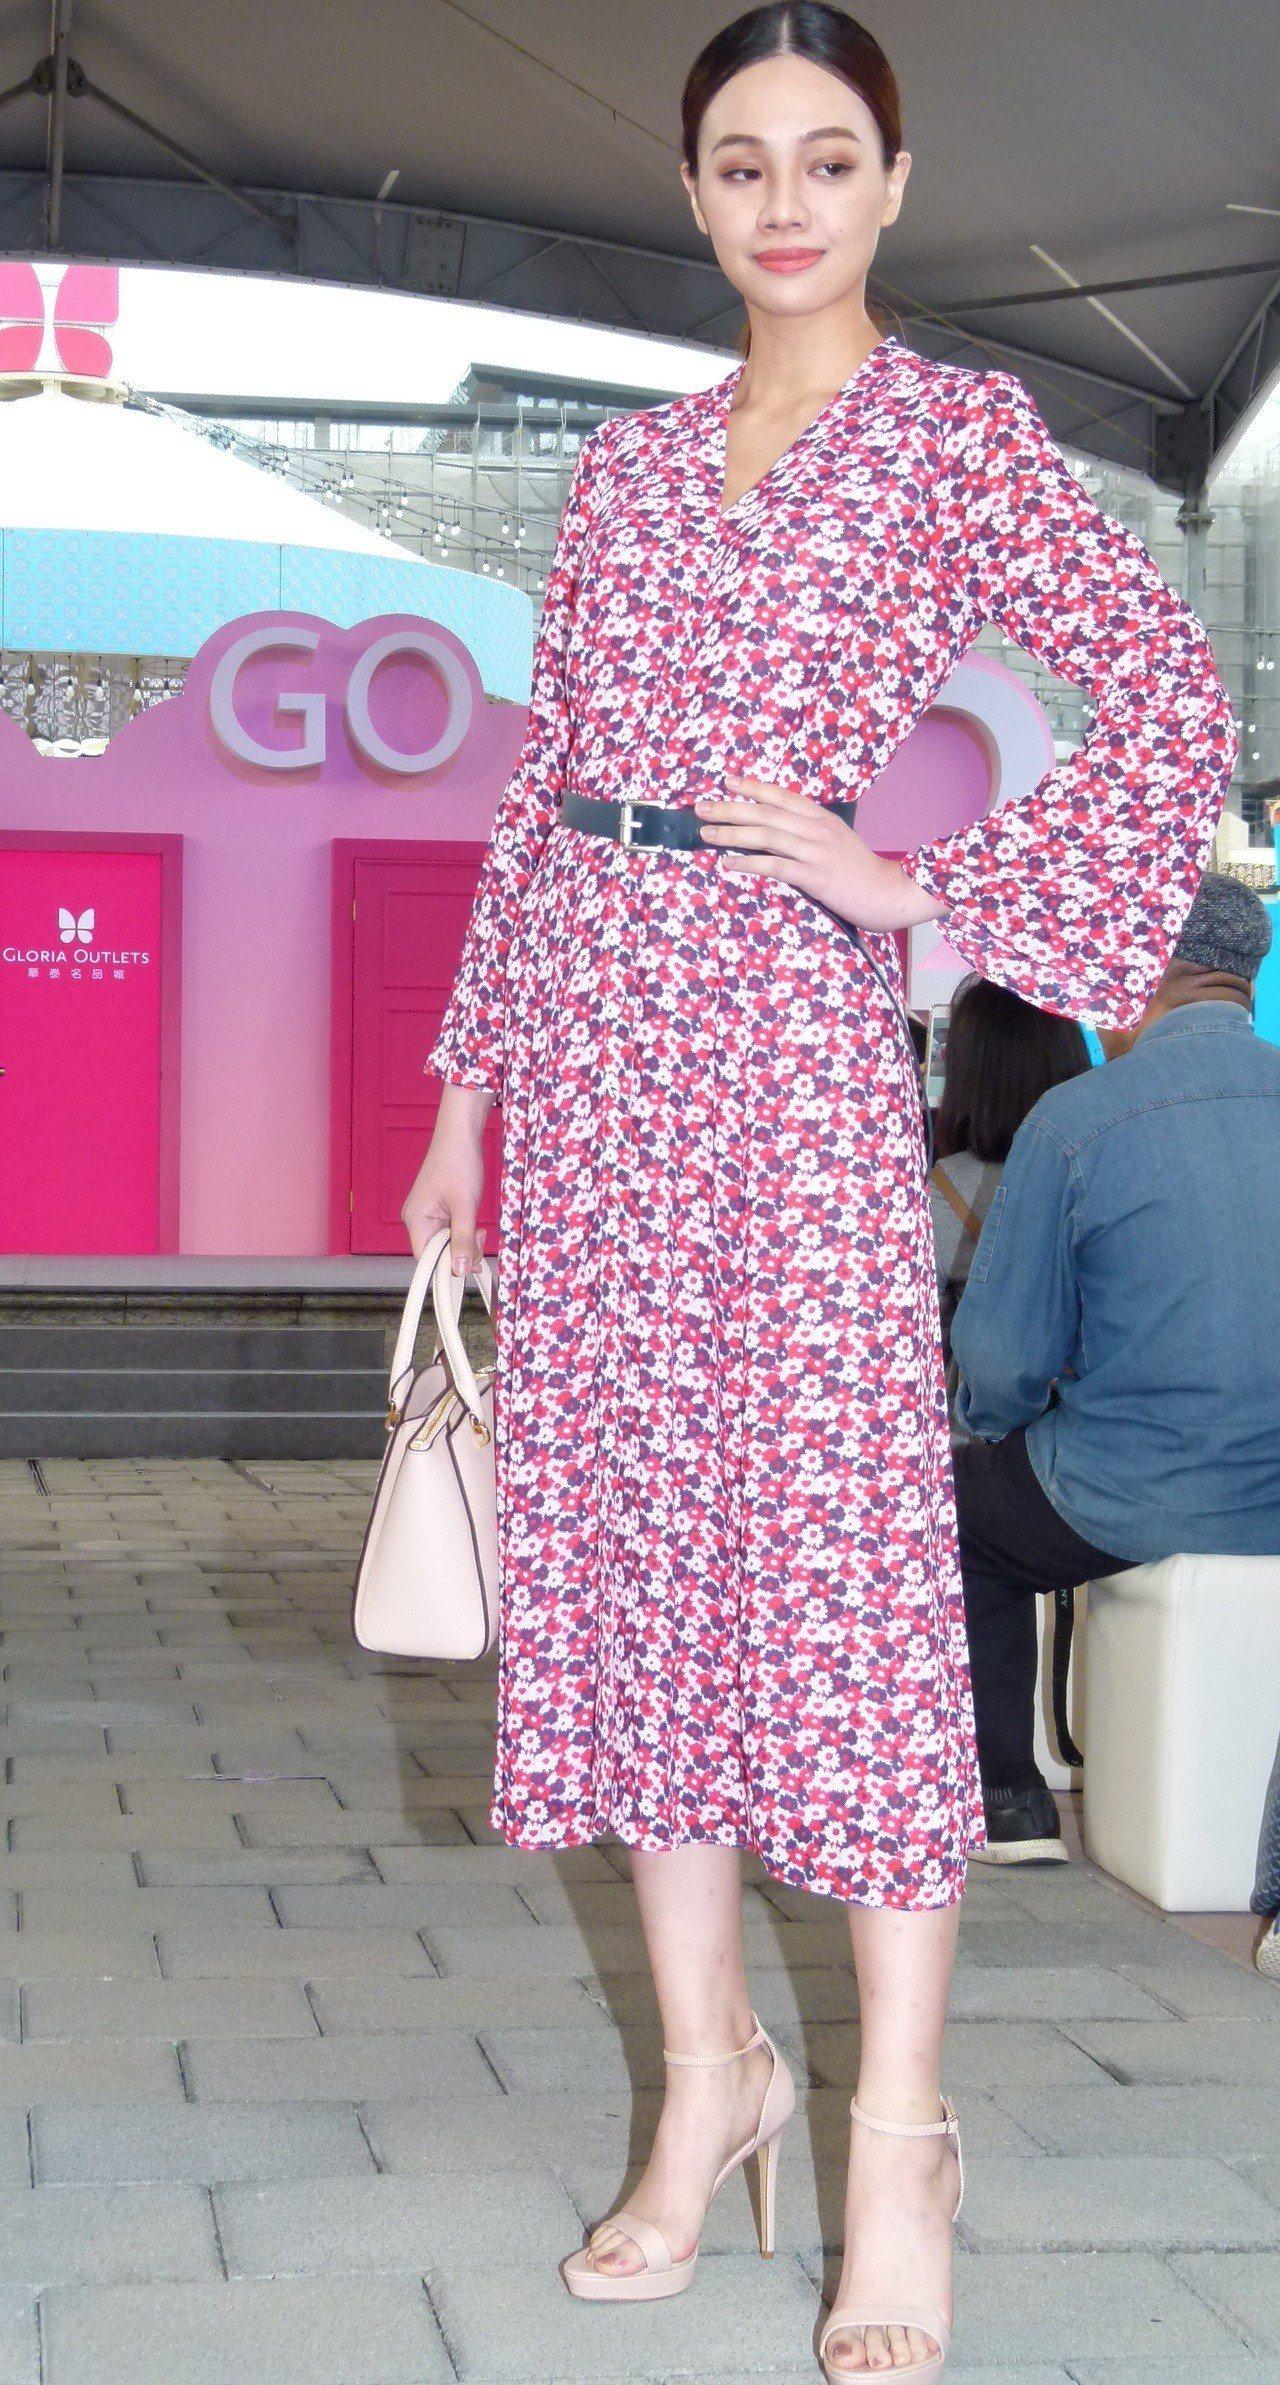 模特兒穿上新進駐的品牌走秀是開幕活動亮點之一。記者鄭國樑/攝影